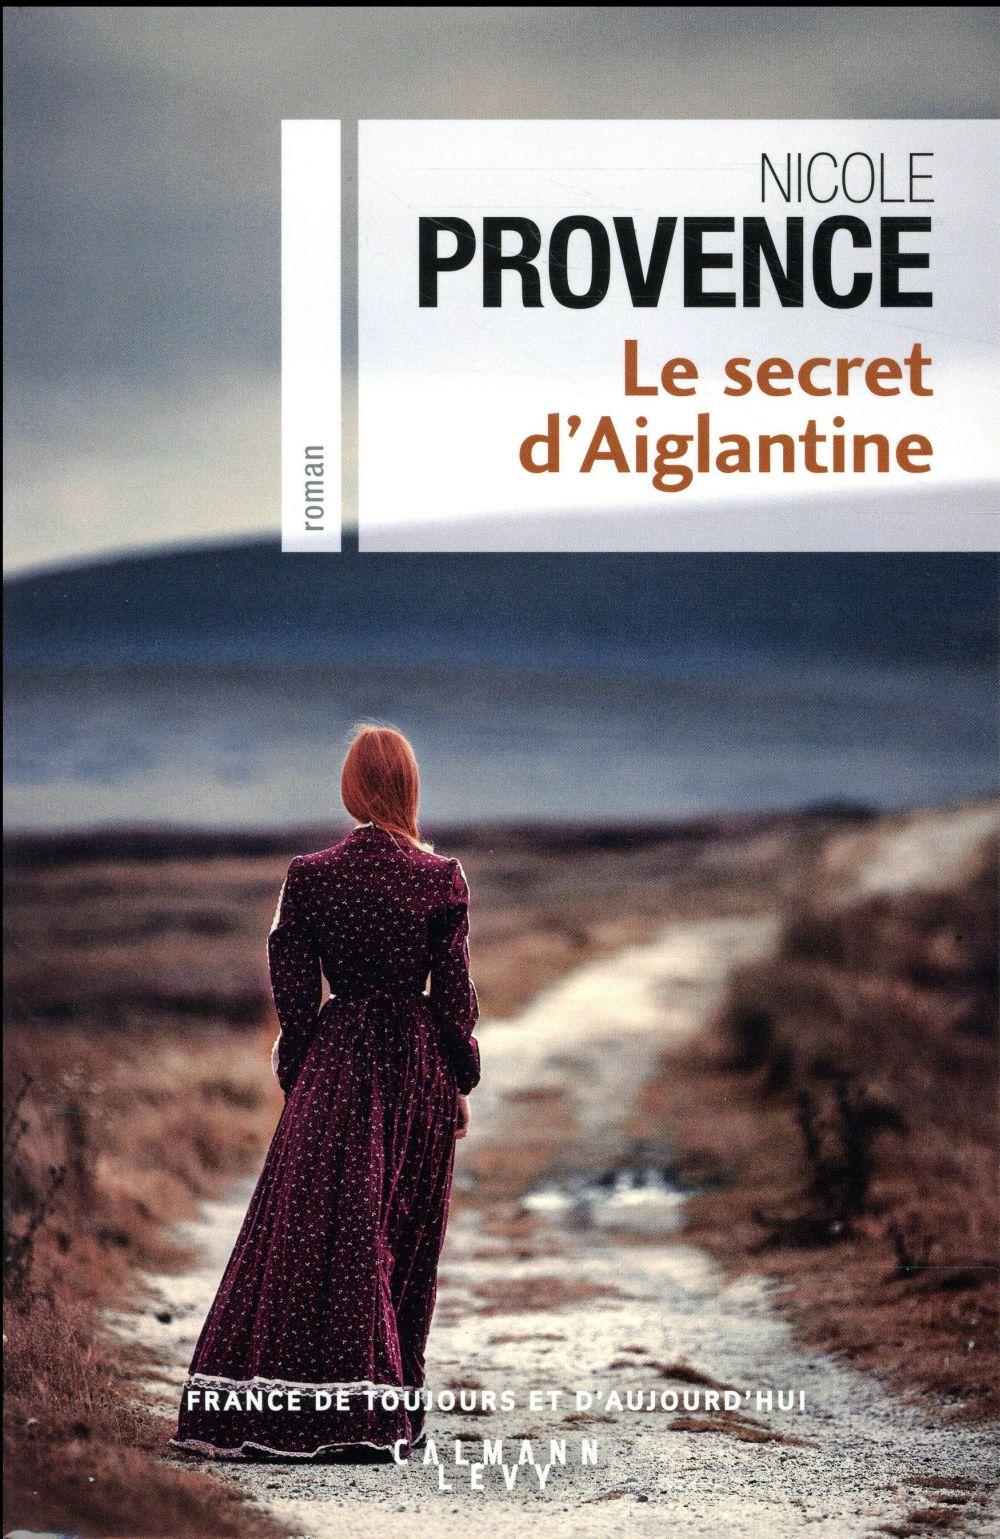 Le secret d'Aiglantine